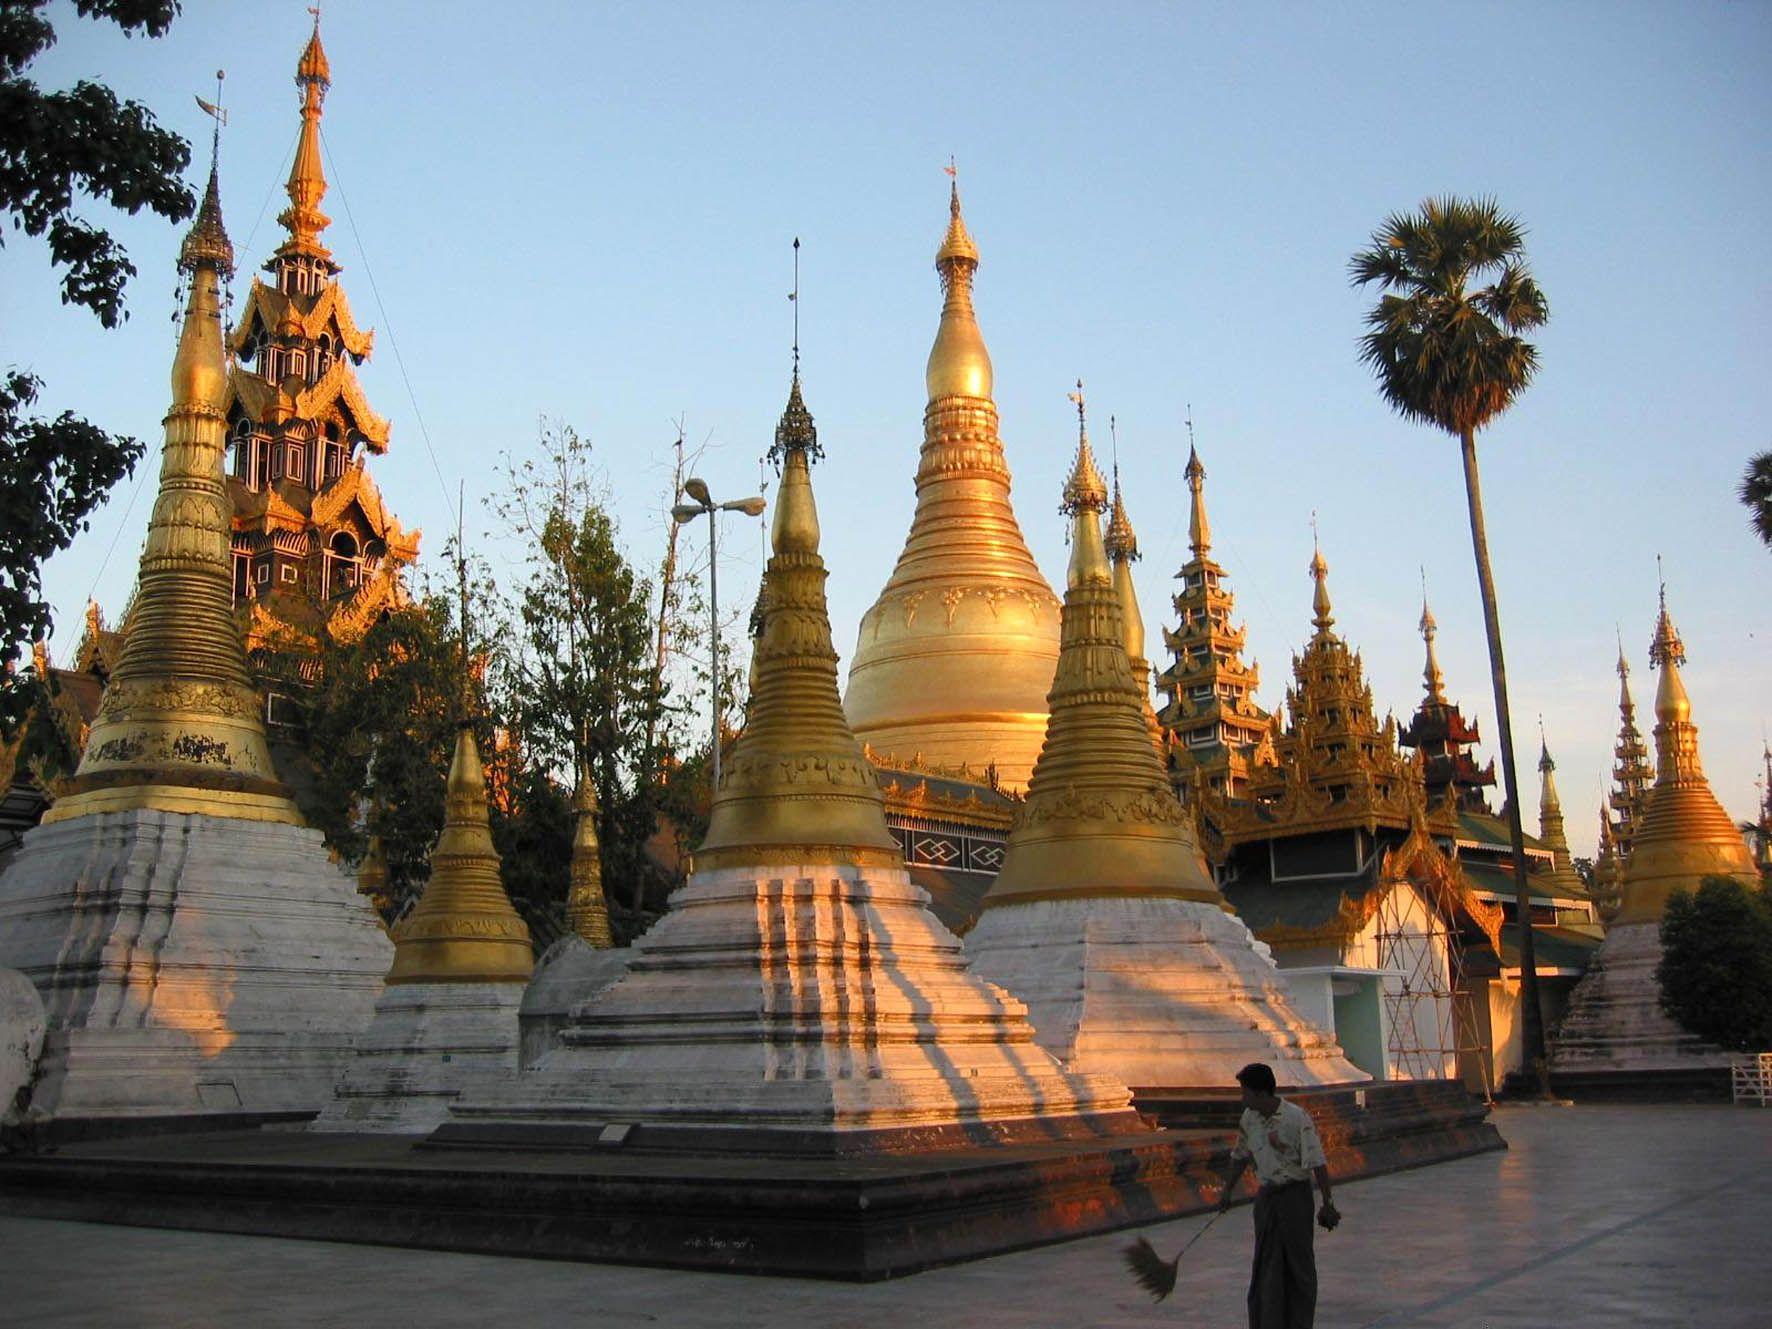 http://terre.sans.frontiere.free.fr/page_a_voir_a_faire/a_voir_a_faire_images/shwedagon_stupa_3.jpg